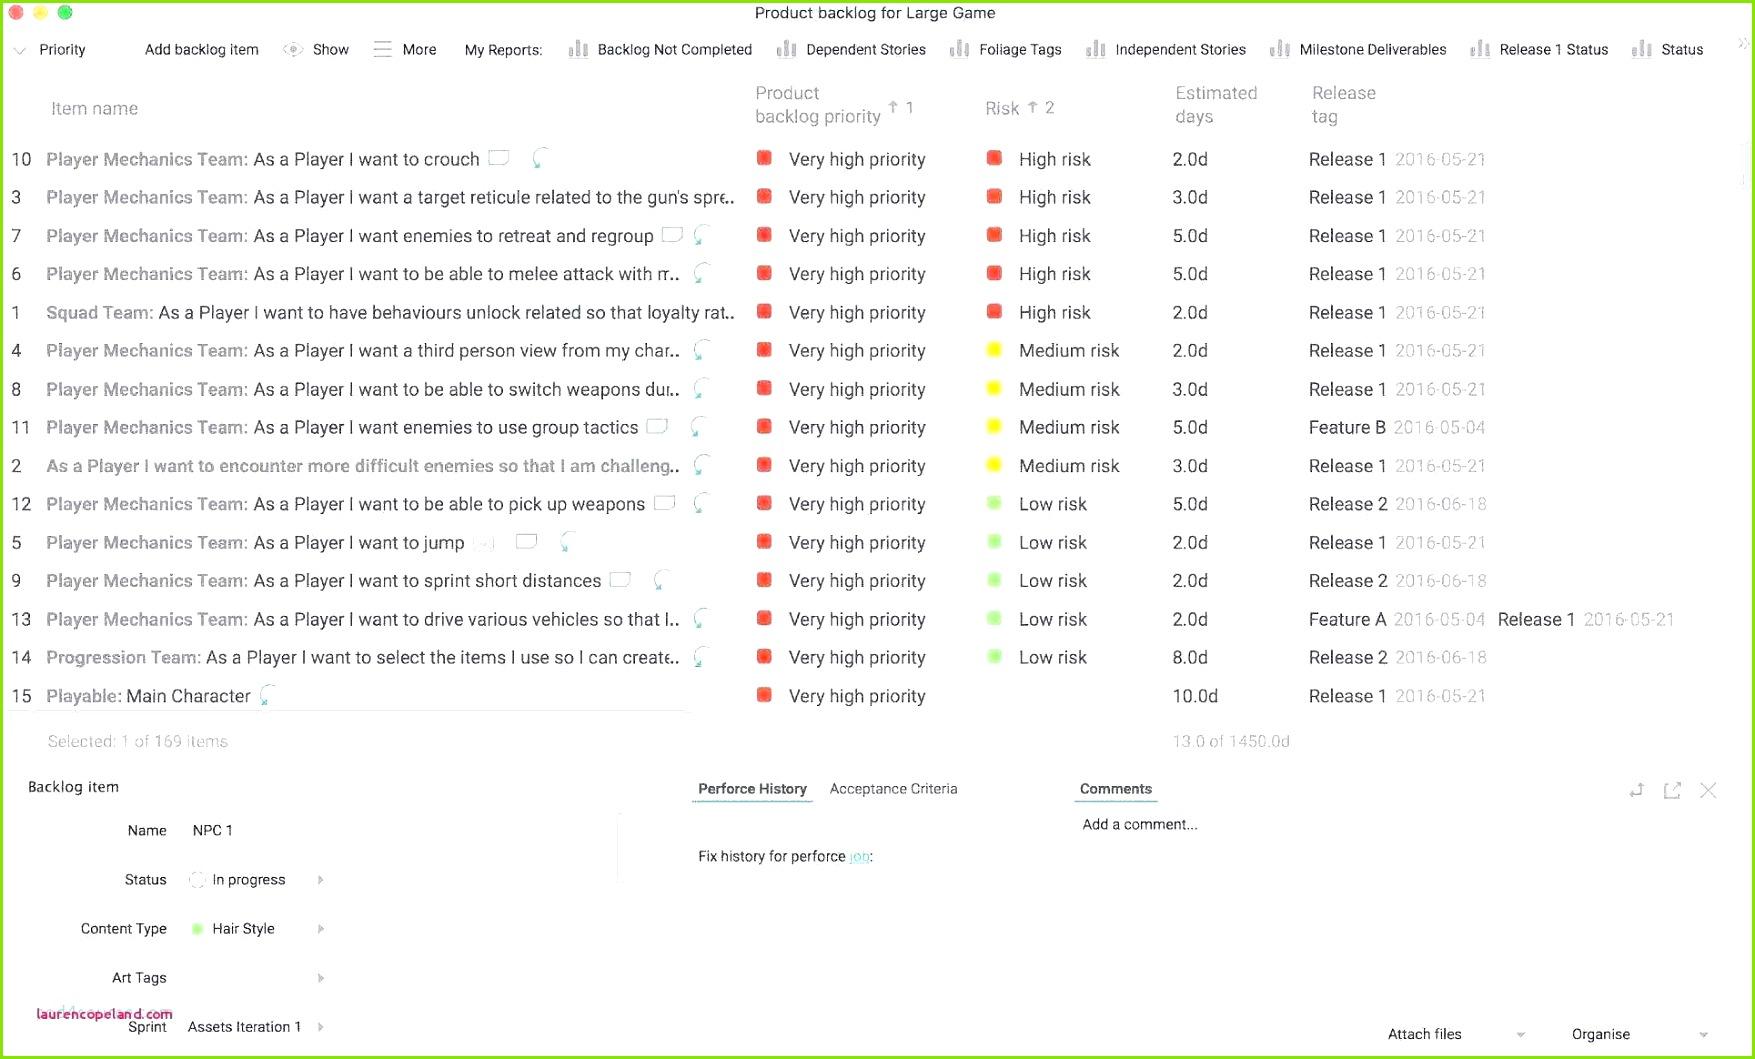 access vorlagen neu 30 inspirierend bilder mitarbeiter datenbank access vorlage fotos of access vorlagen